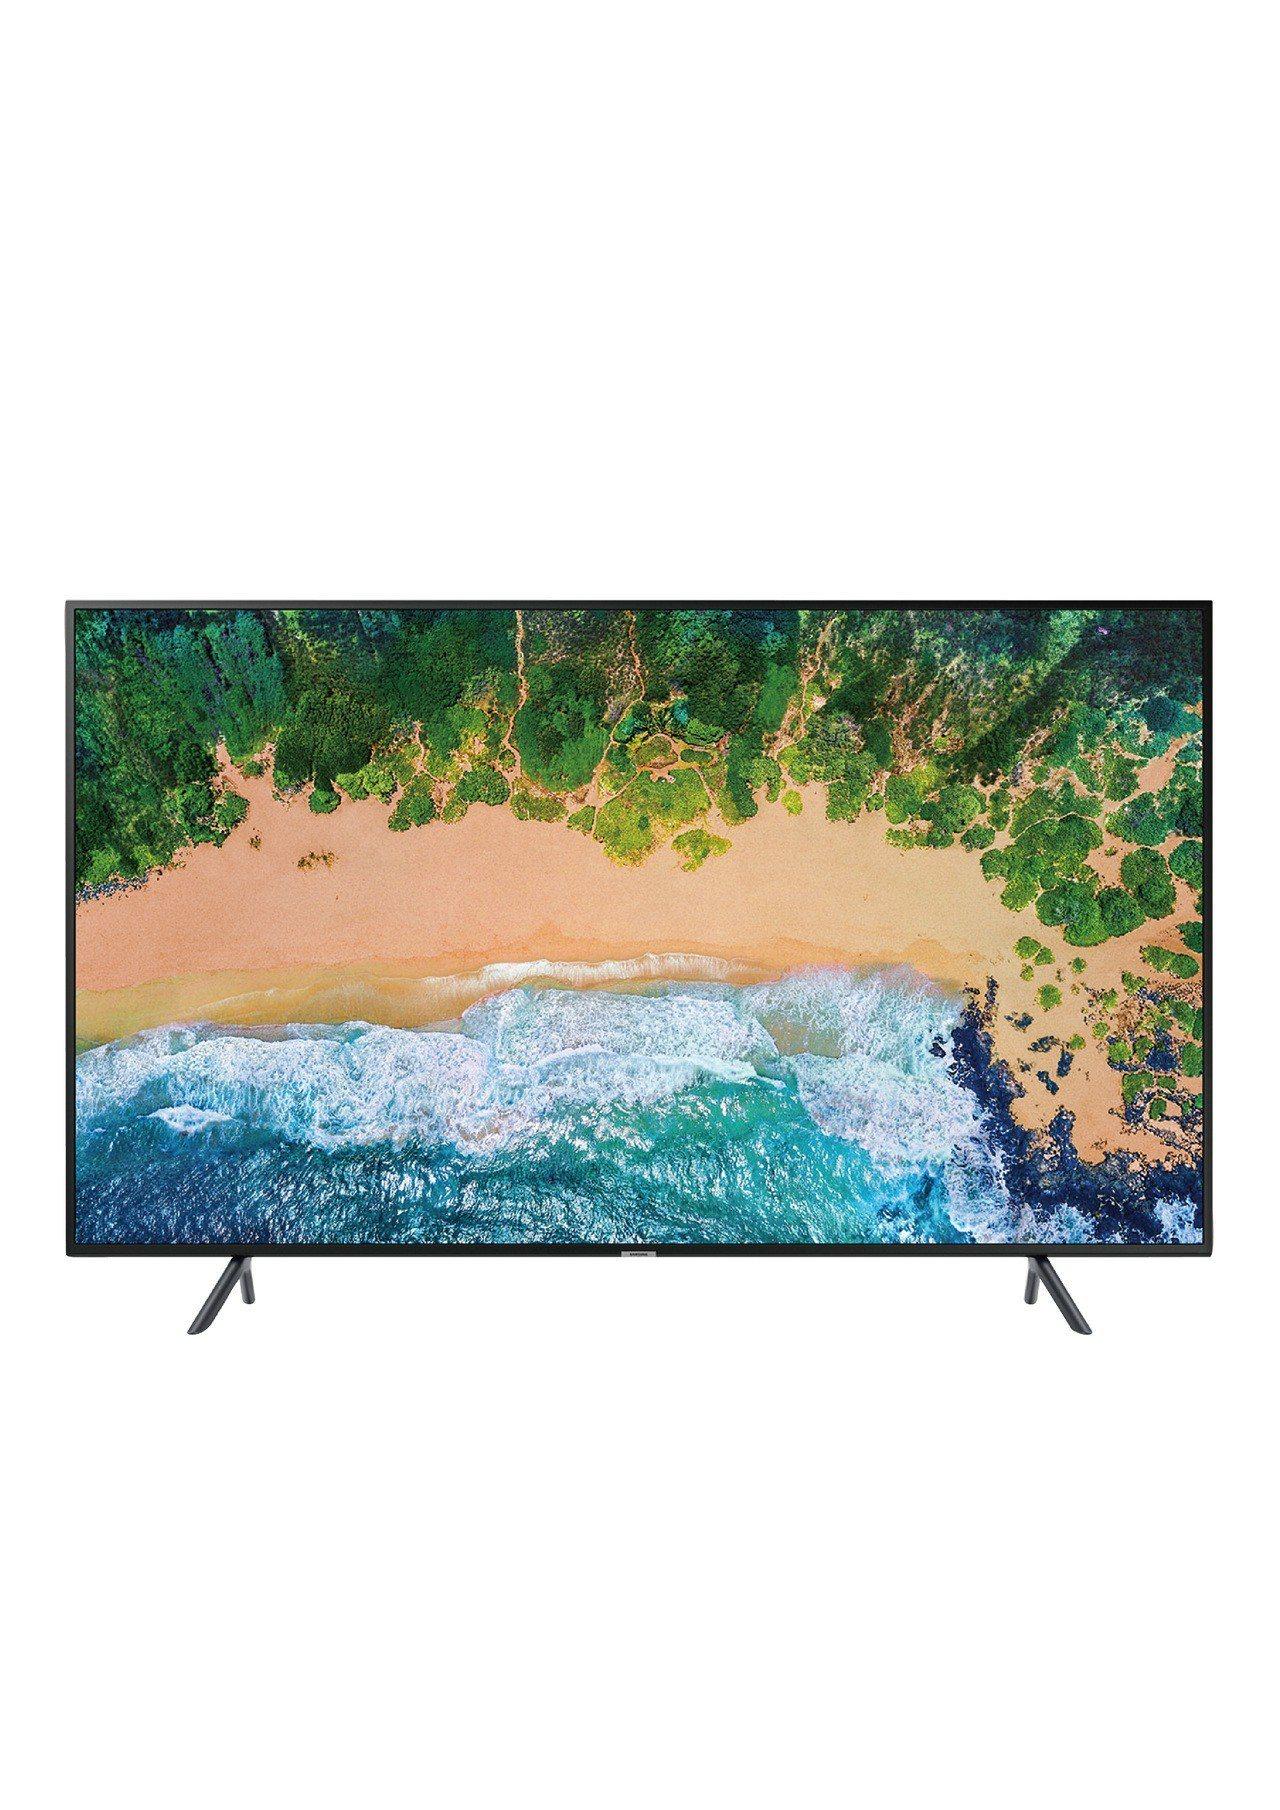 SAMSUNG 65型智慧UHD液晶電視市價44,900元、特價29,900元,...